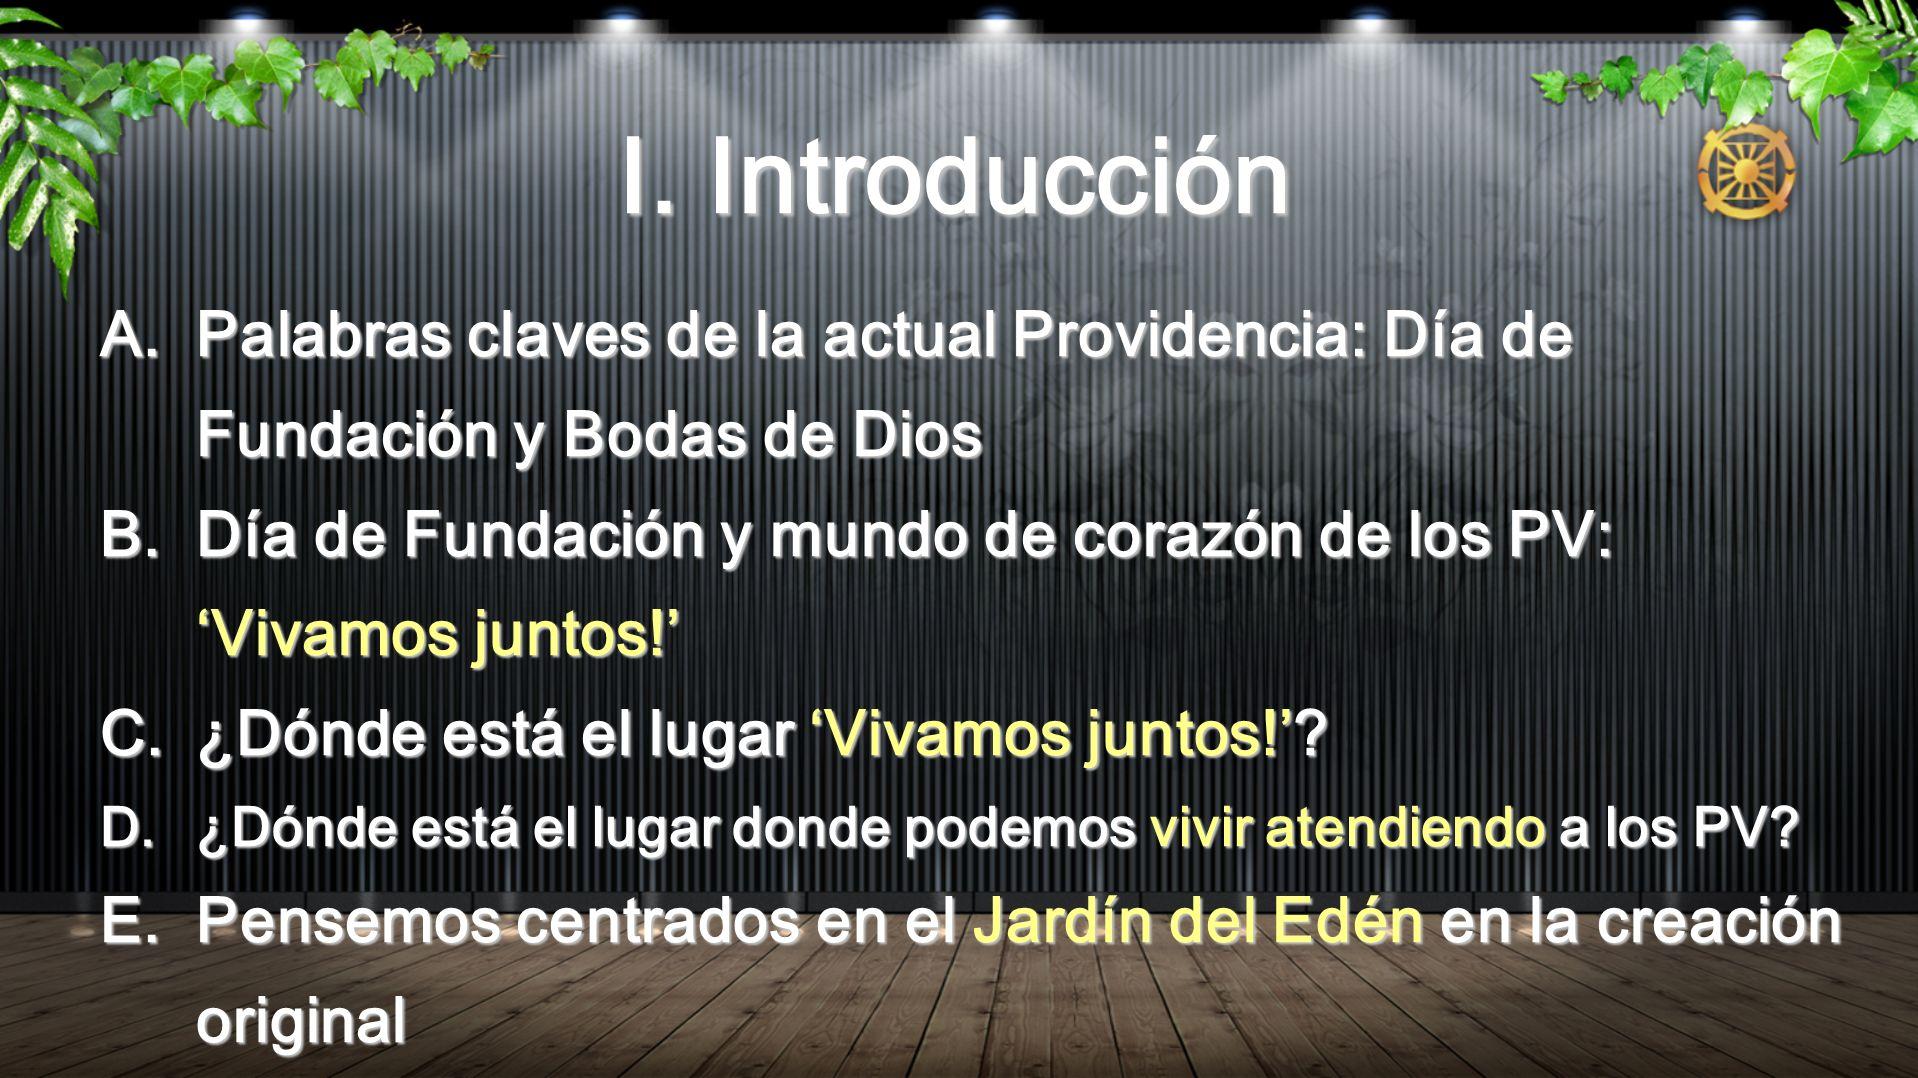 I. IntroducciónPalabras claves de la actual Providencia: Día de Fundación y Bodas de Dios.